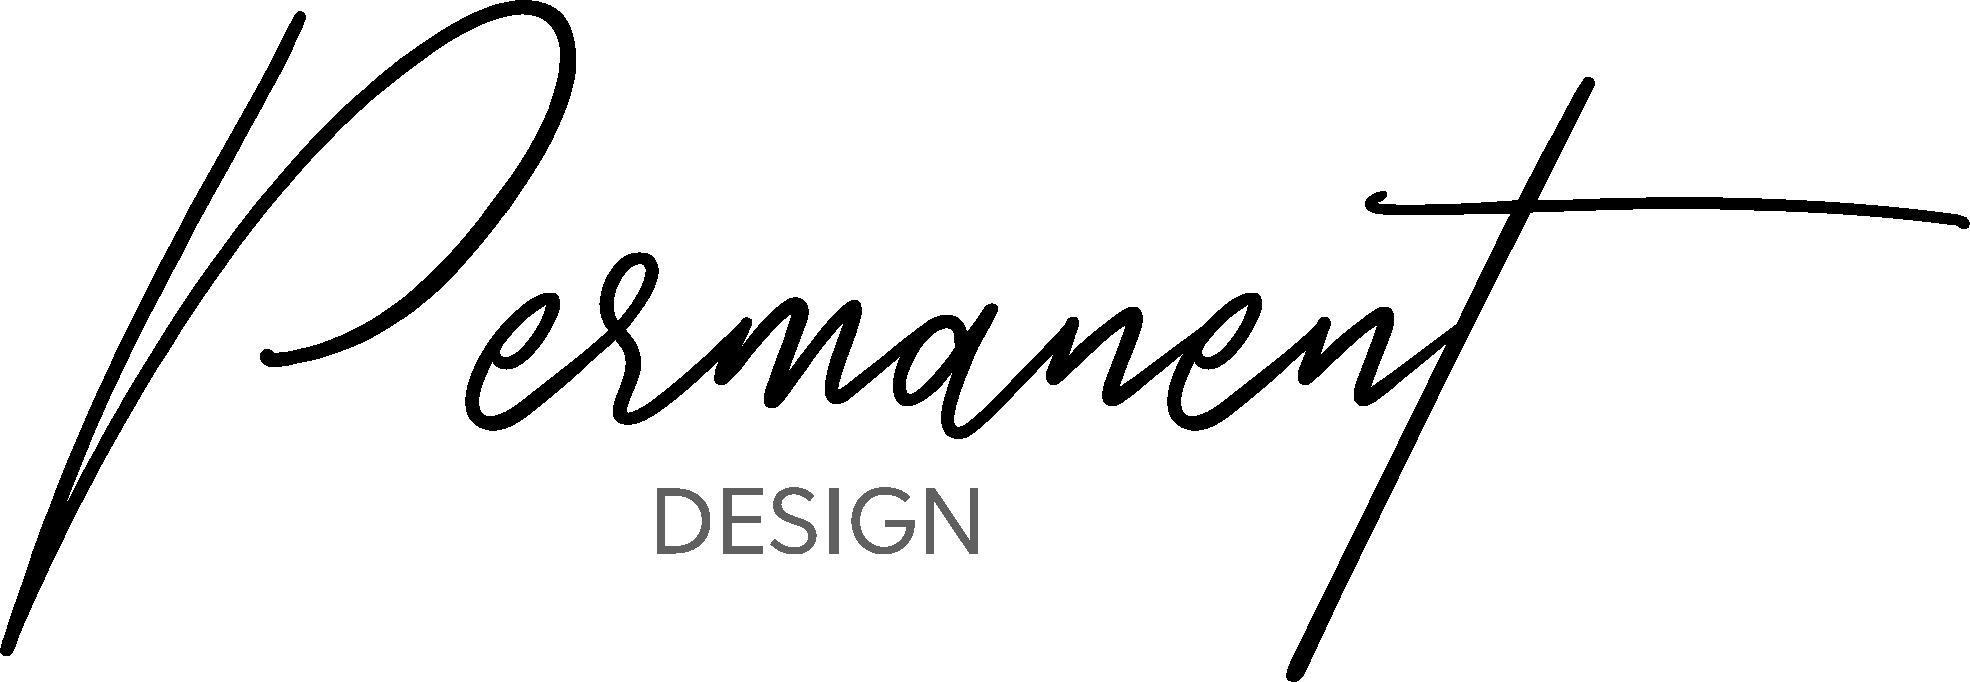 Permanent Design